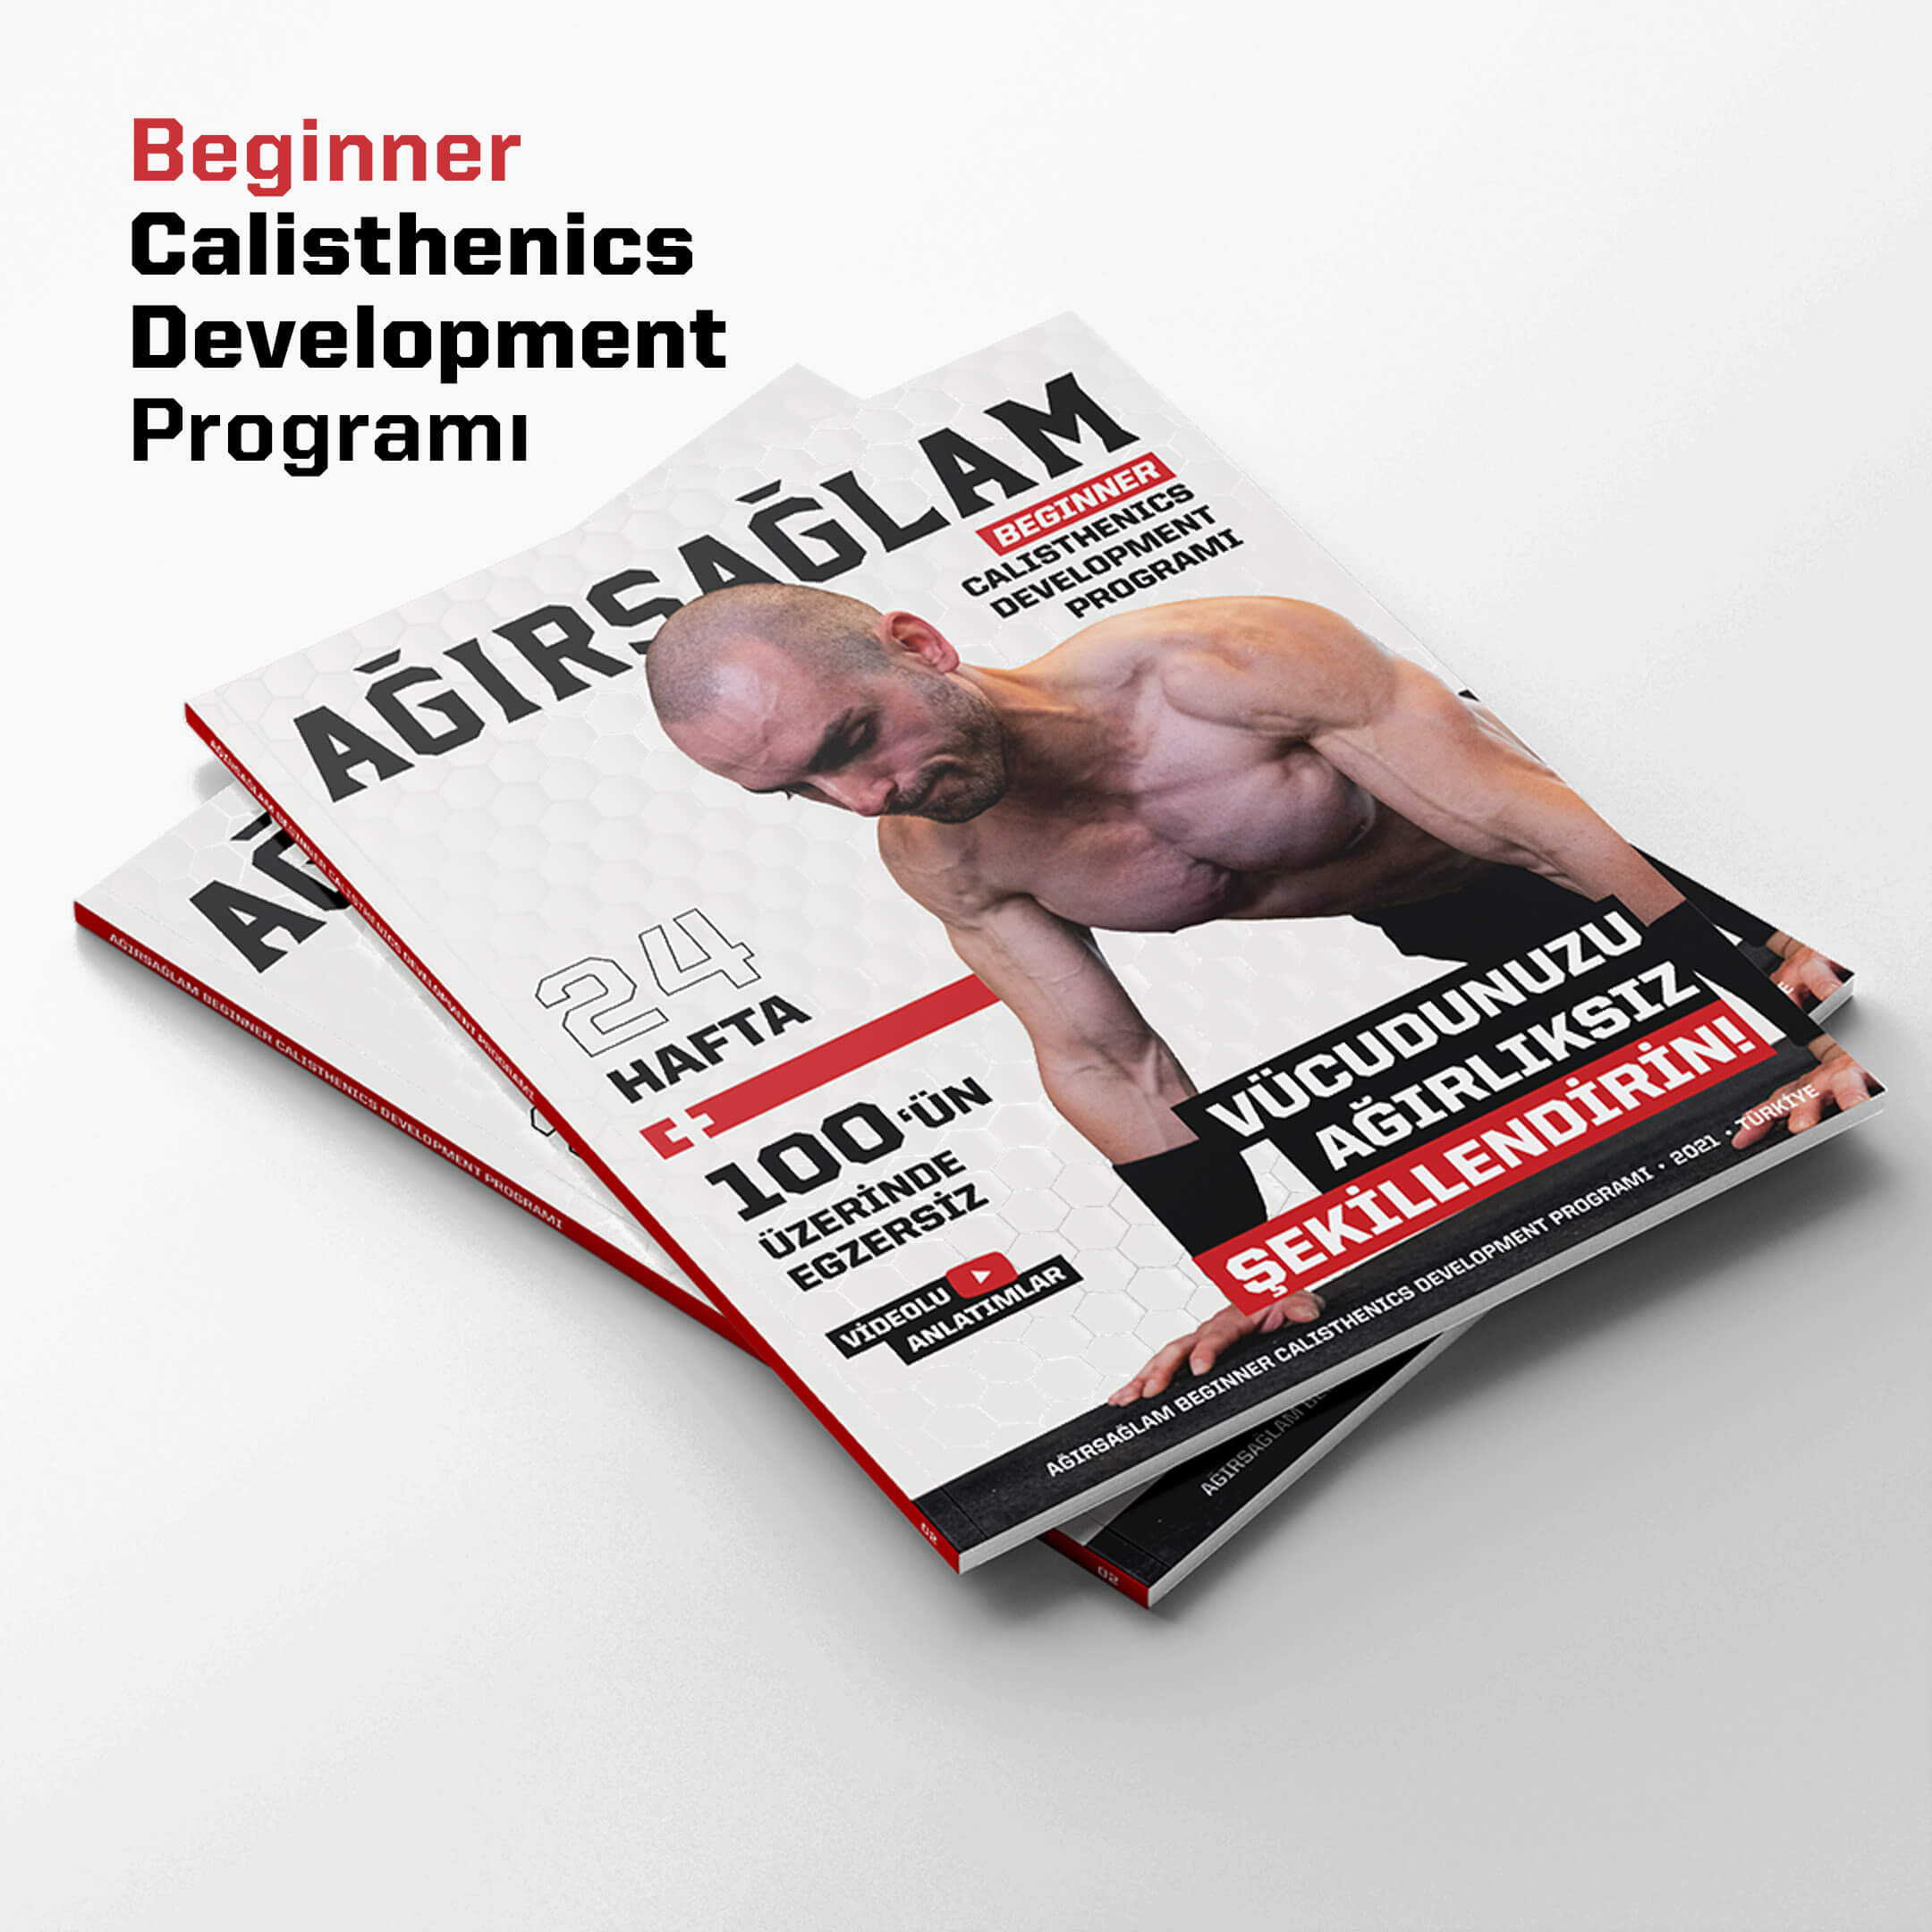 ağırsağlam beginner calisthenics development programı